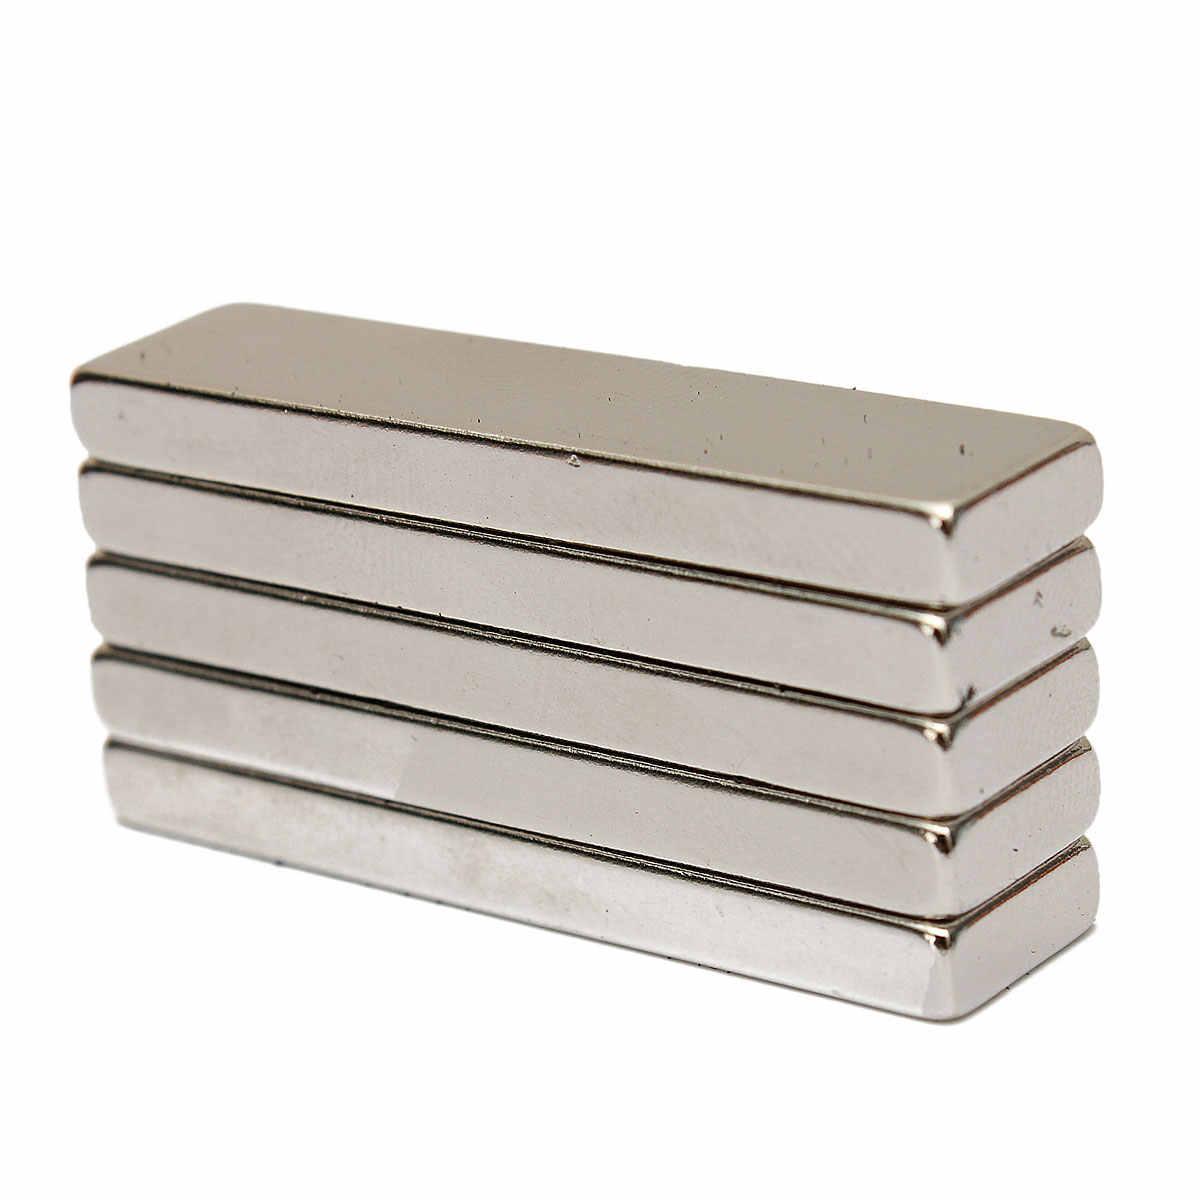 5 шт. N35 Сильные блочные кубовидные Магниты редкоземельные неодимовые 40x10x4 мм